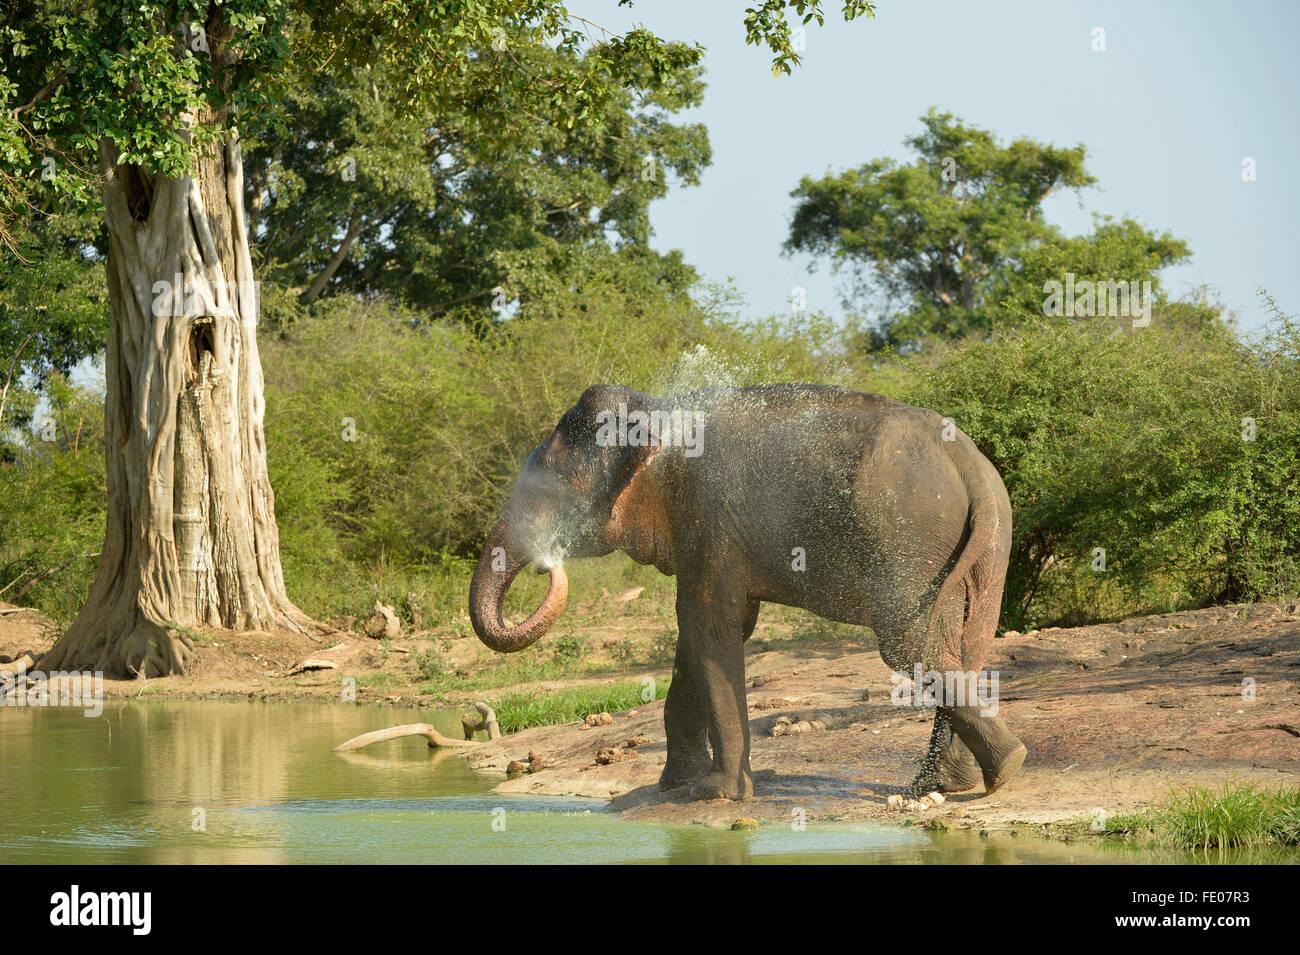 L'éléphant du Sri Lanka (Elephas maximus maximus) à trou d'eau, pulvériser de l'eau Photo Stock